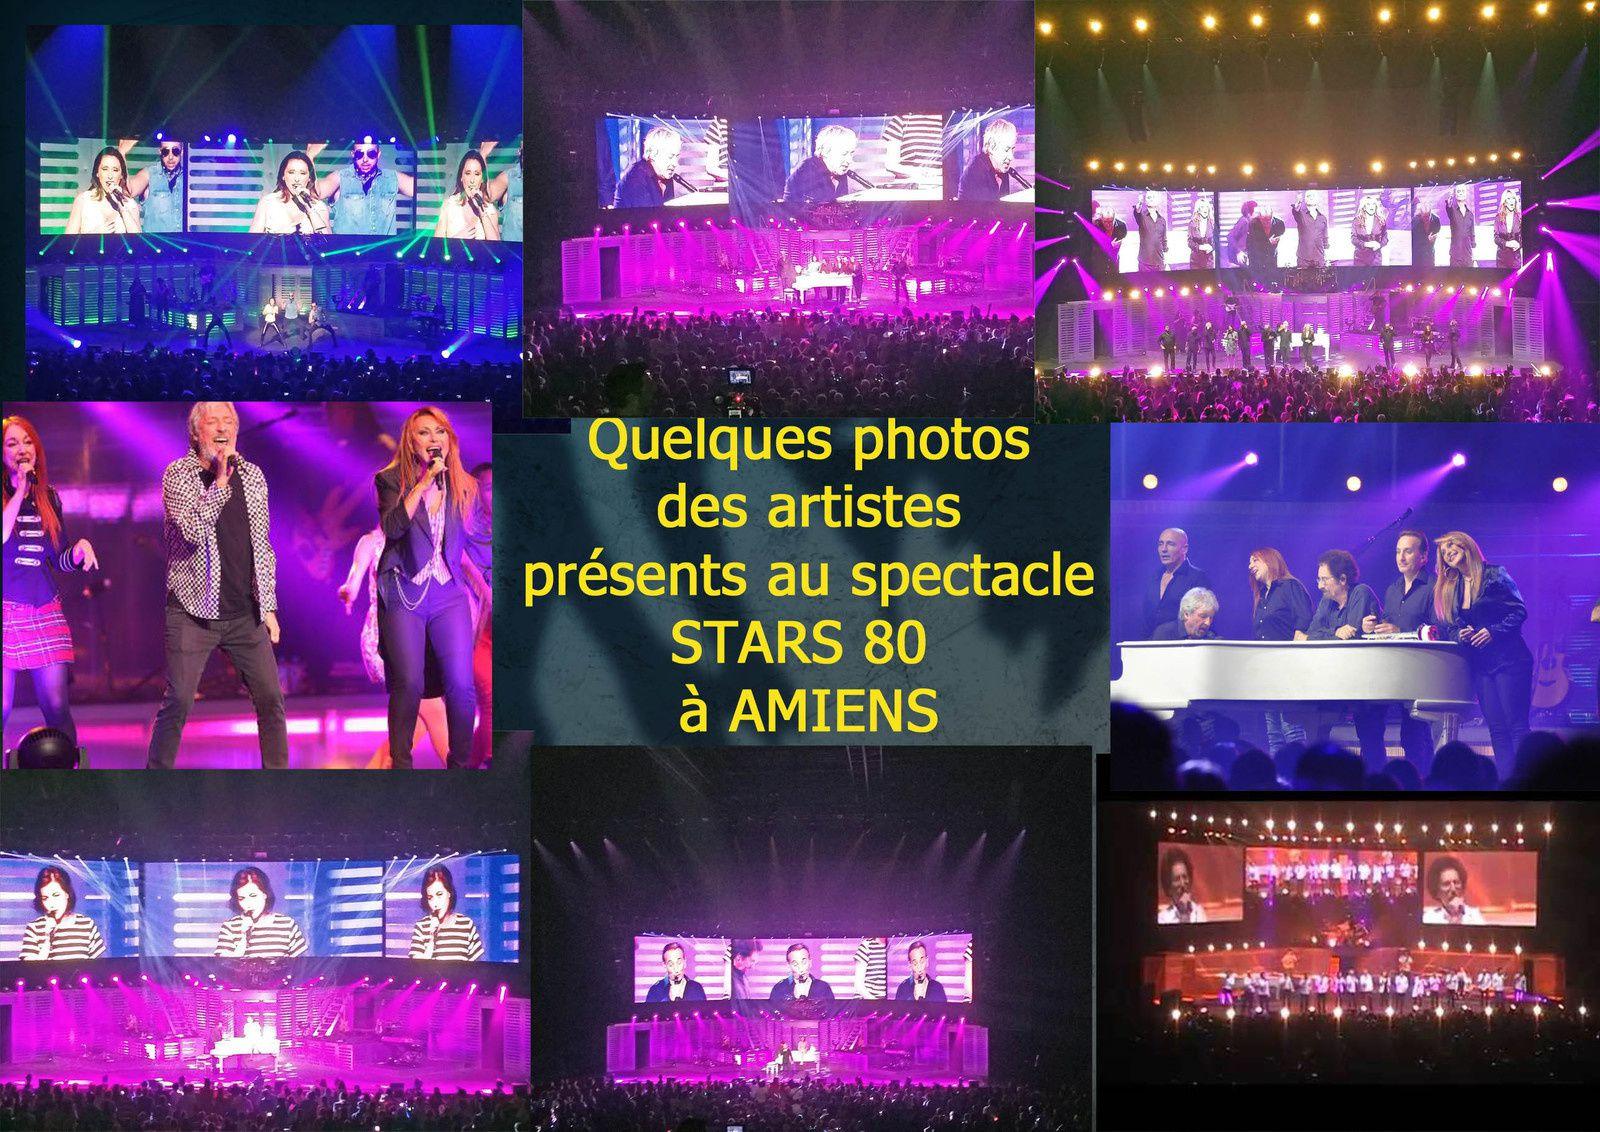 Samedi 31 Octobre 2015 : Sortie pour assister au spectacle &quot&#x3B;STARS 80_l'origine&quot&#x3B;